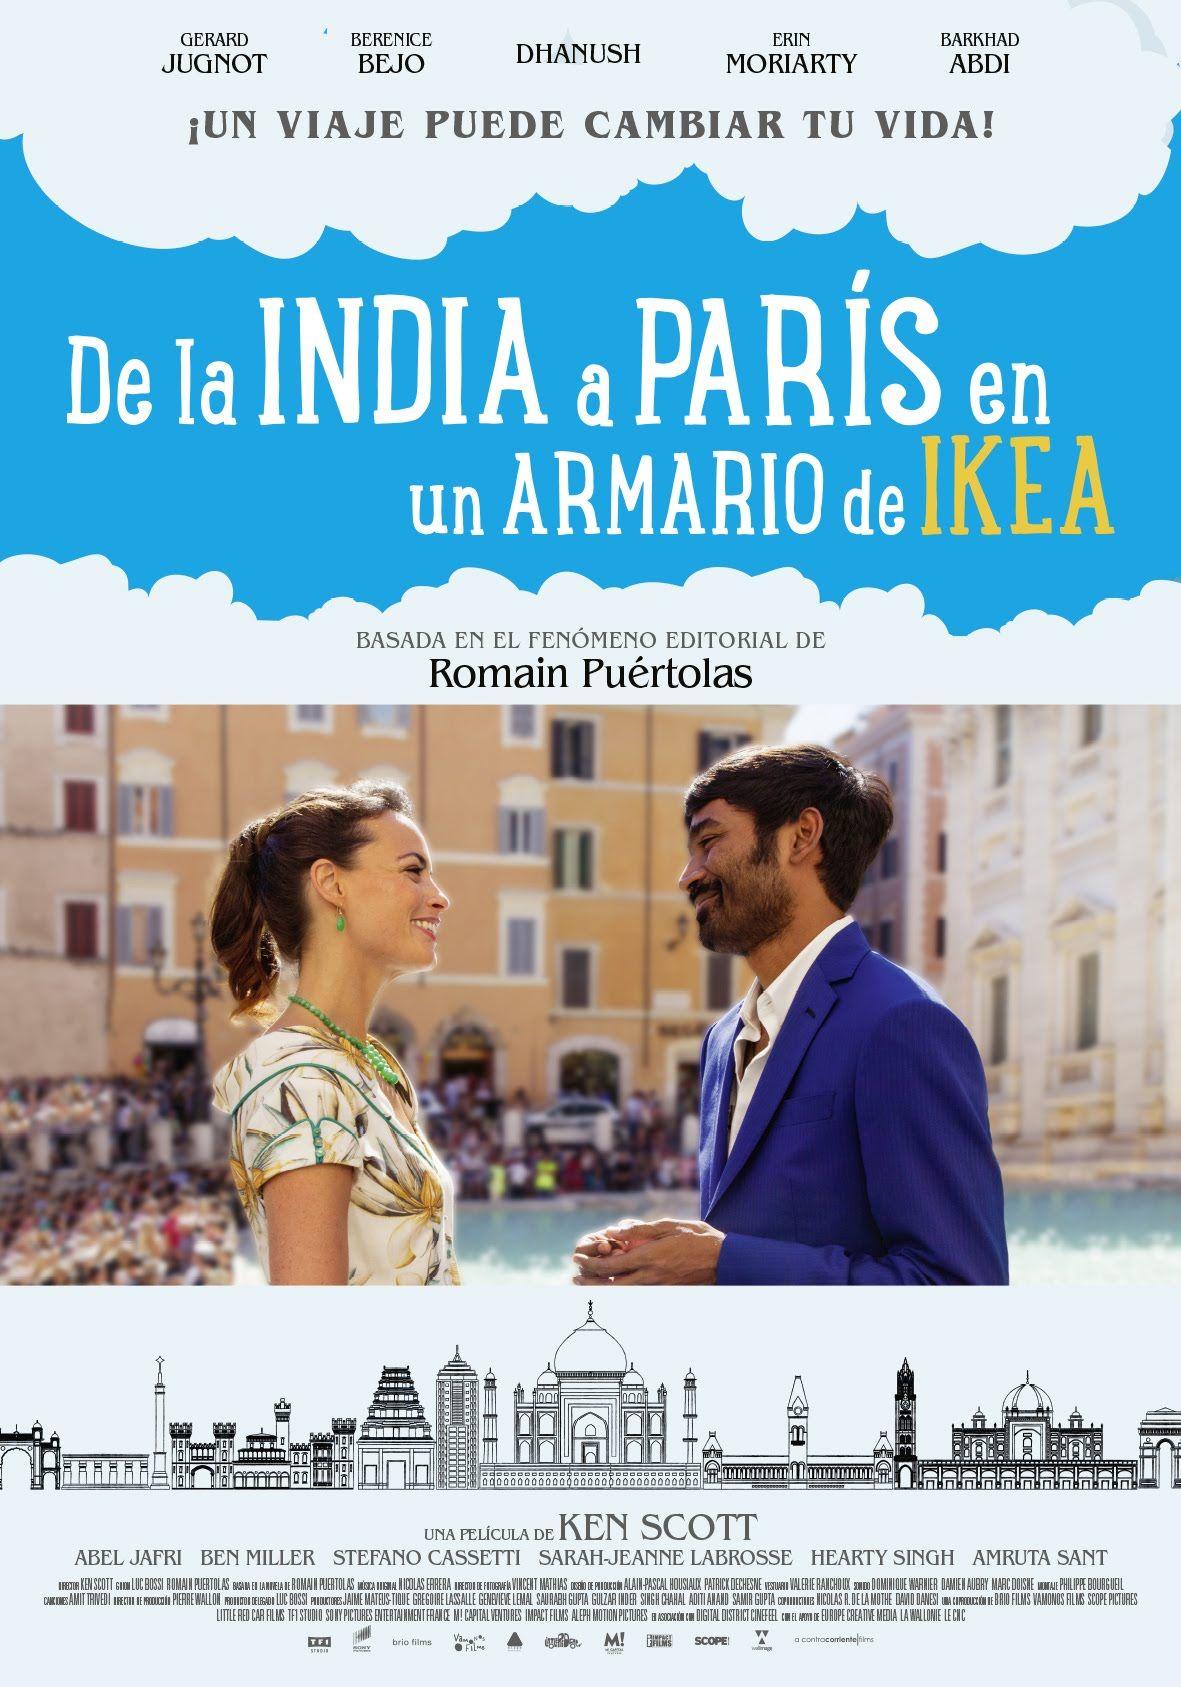 A La De Películas París Armario IkeaPelis Un India En F3TclK1J